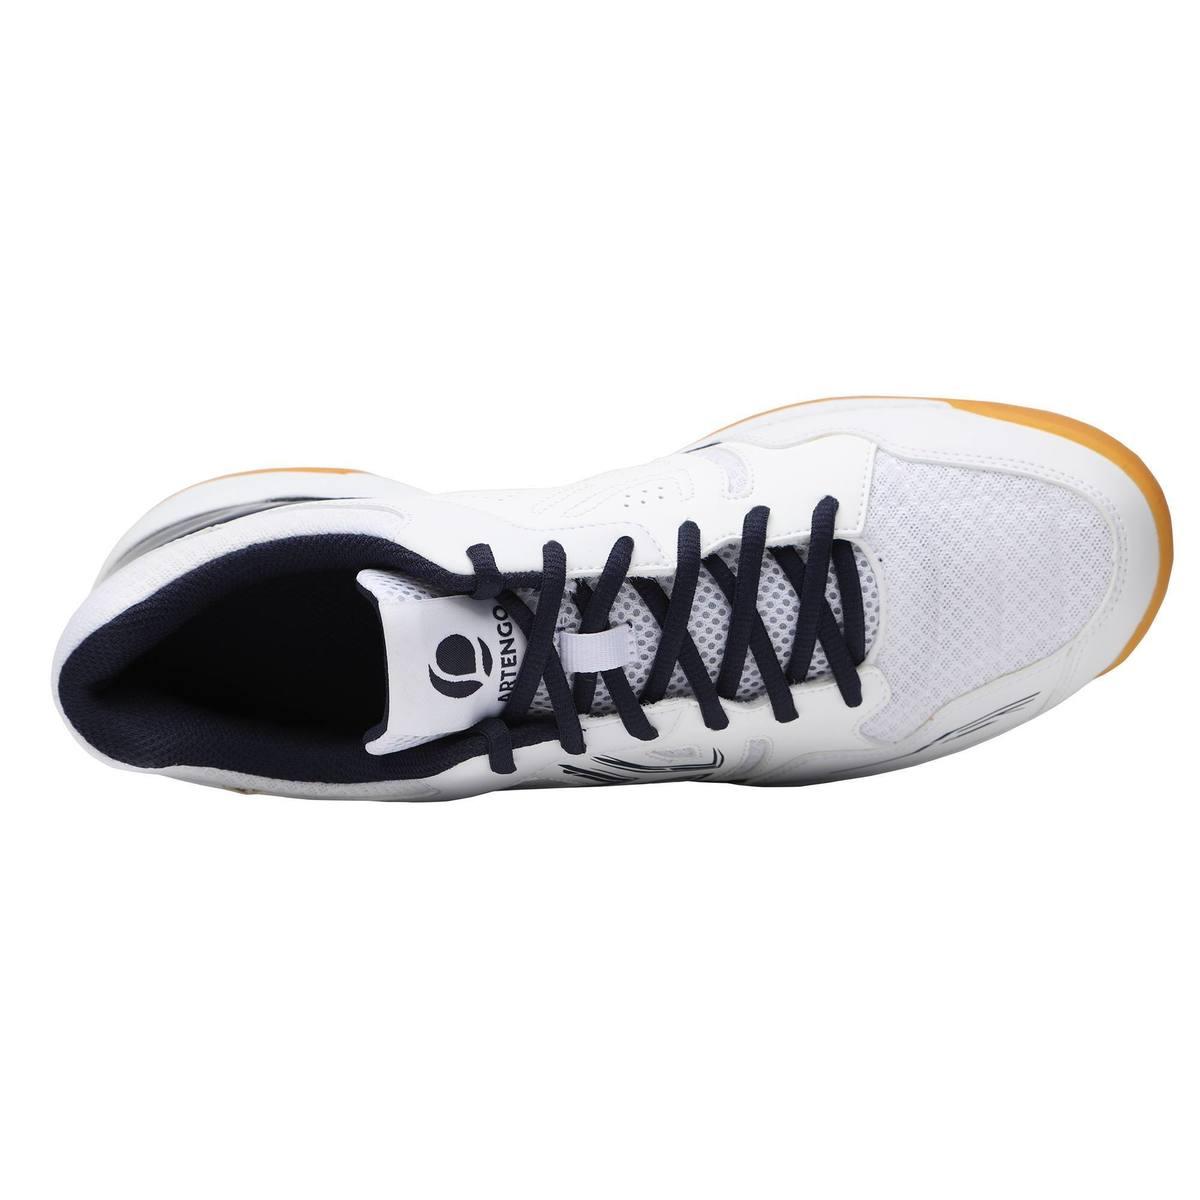 Bild 5 von Badmintonschuhe BS760 Herren weiß/blau